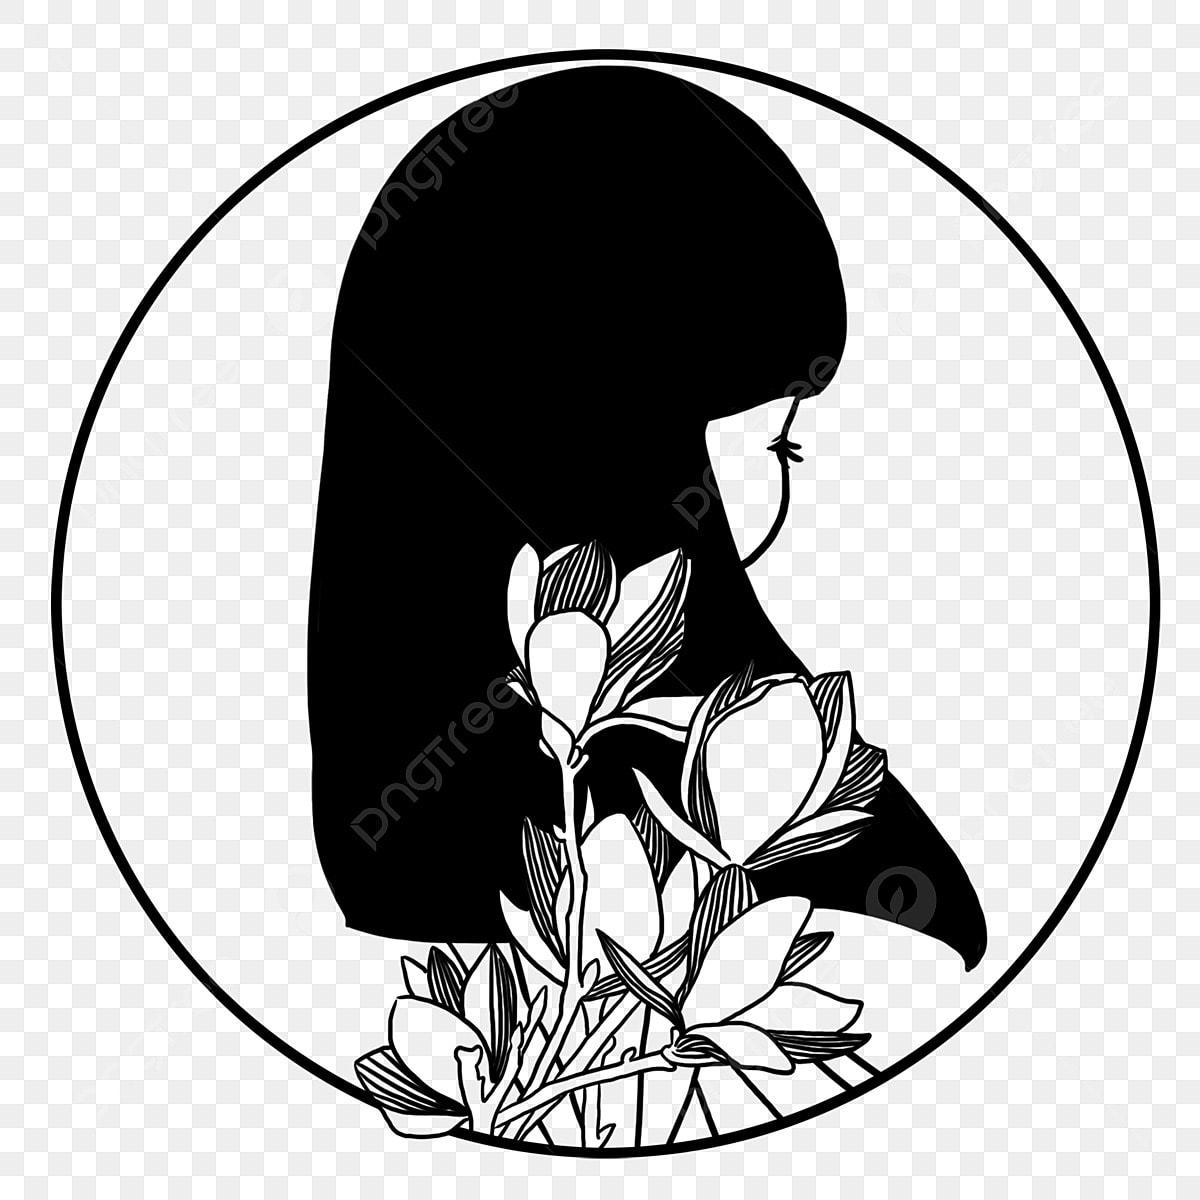 Dessin Animé Fleur Trait De Ligne Noir Et Blanc Cadre Rond